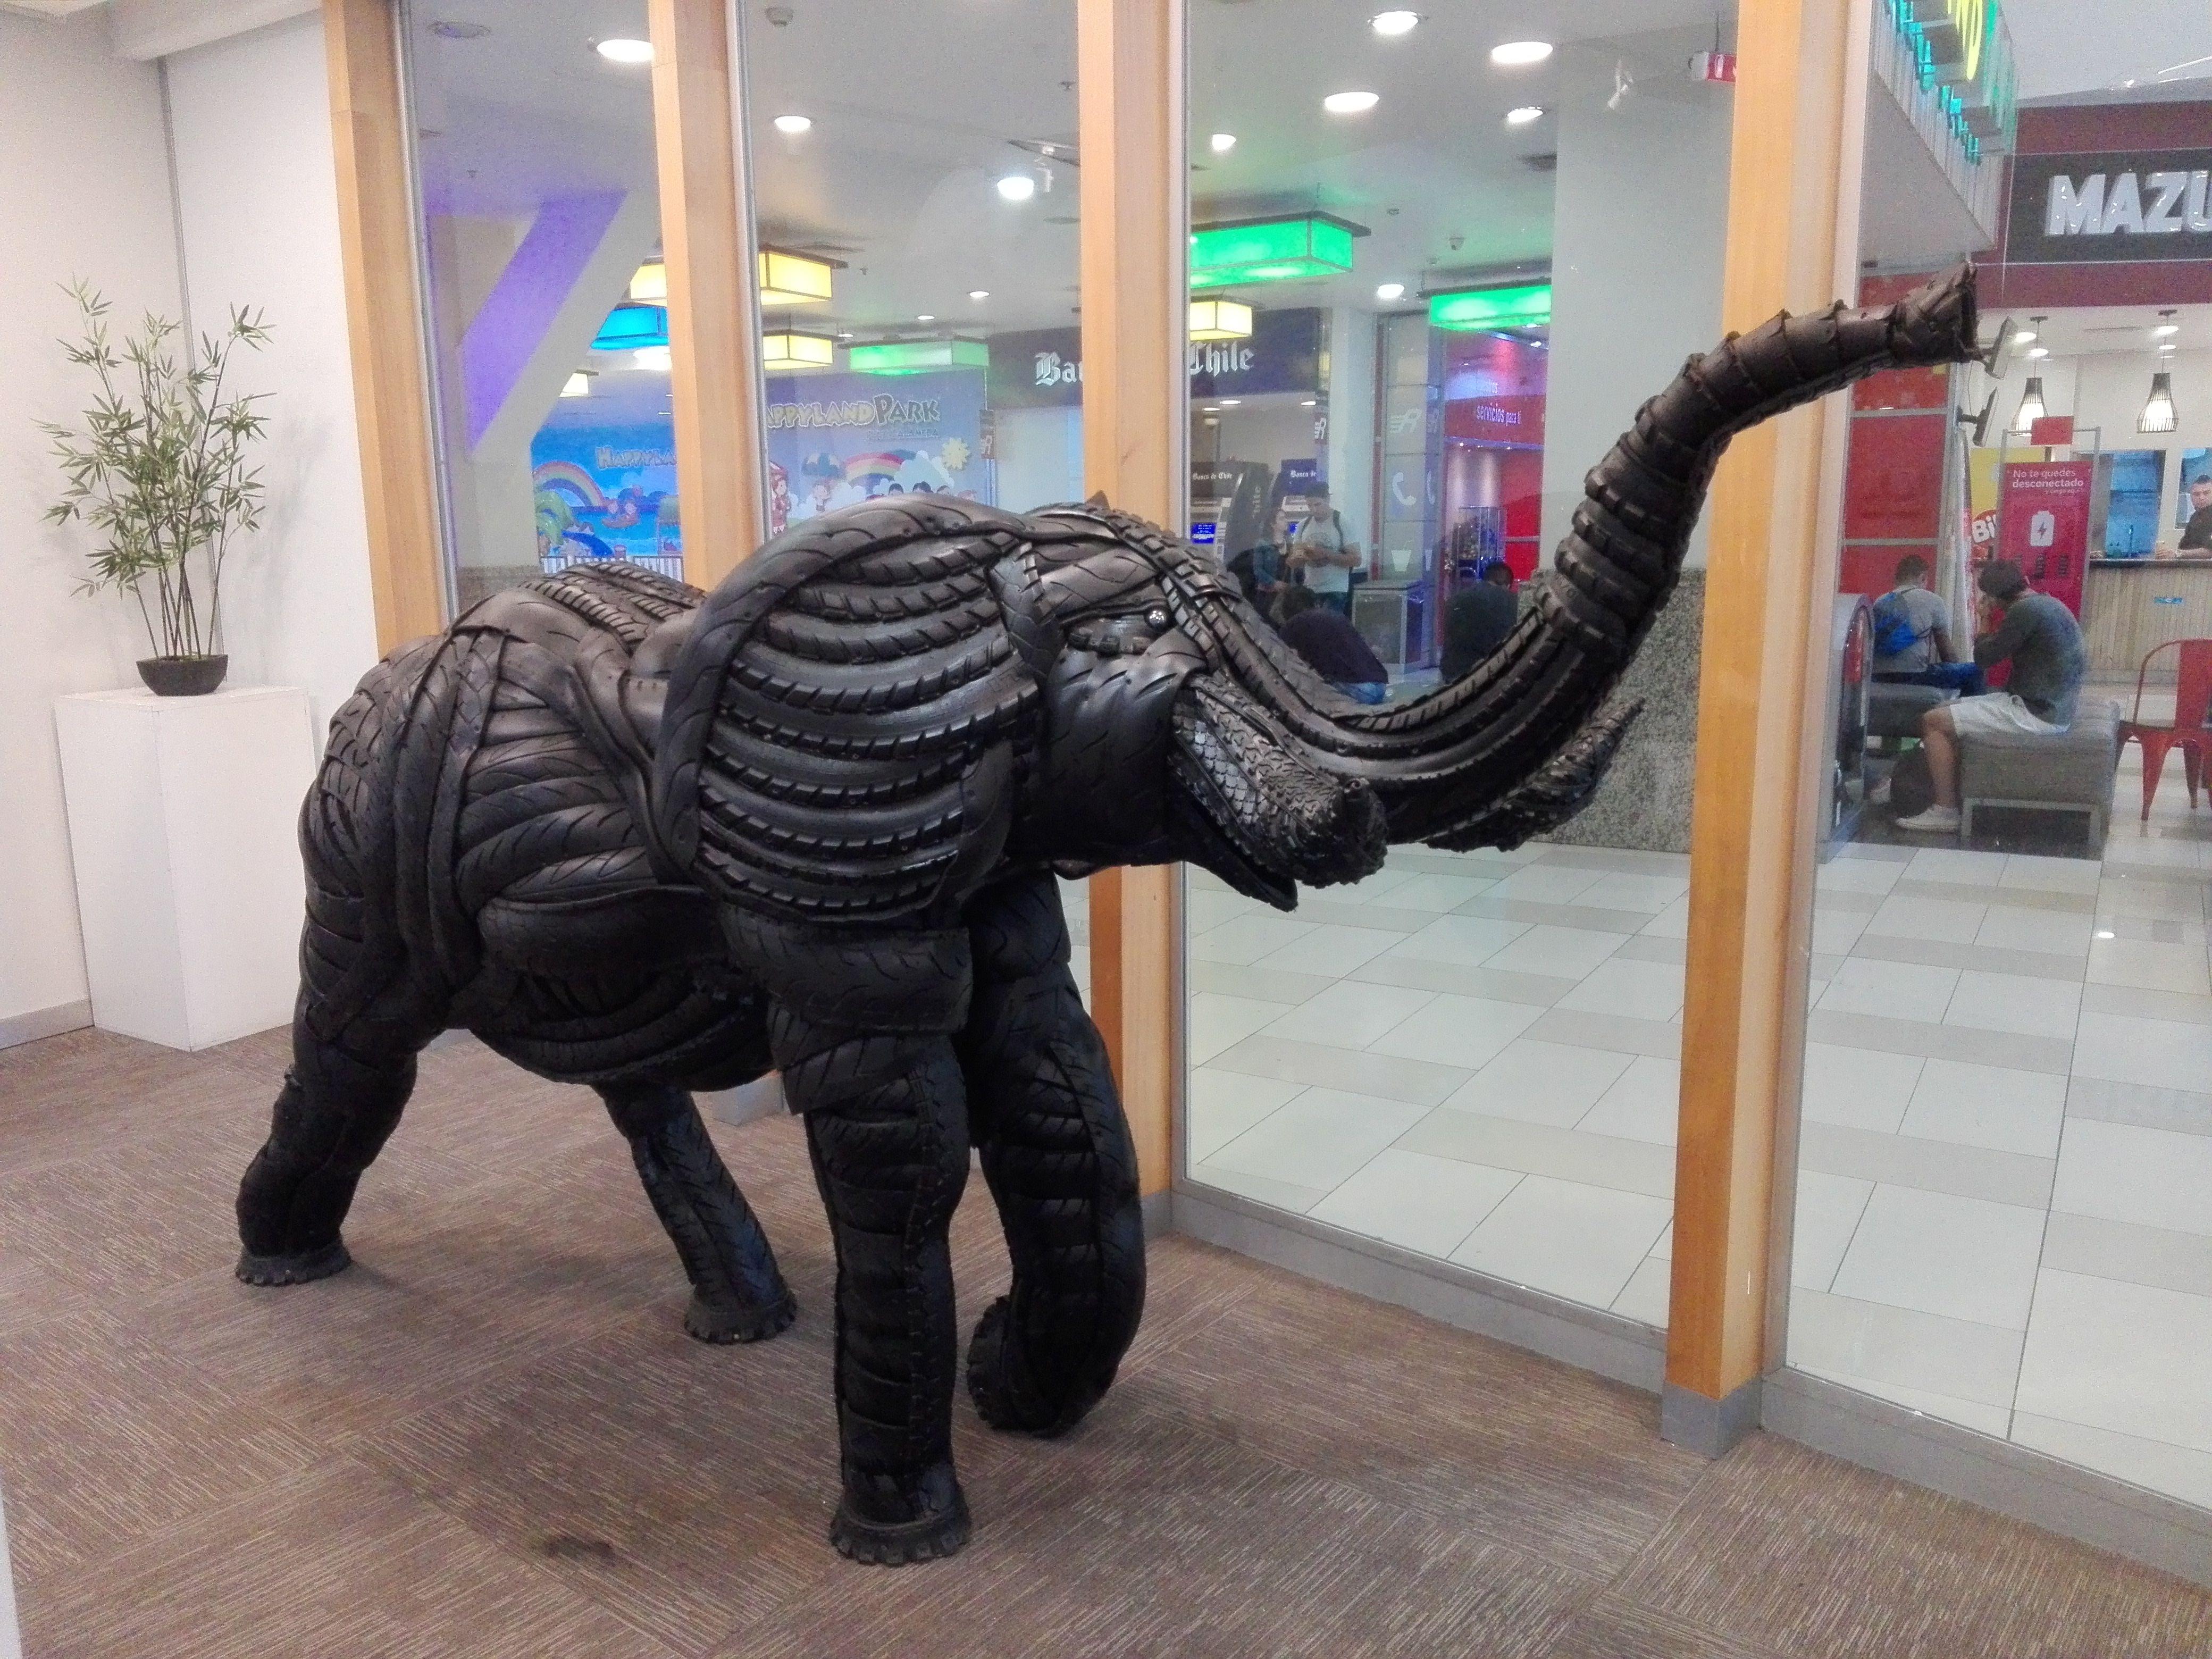 Elefante Hecho Con Neumaticos 1 50 De Alto X 3 20 Mt De Largo